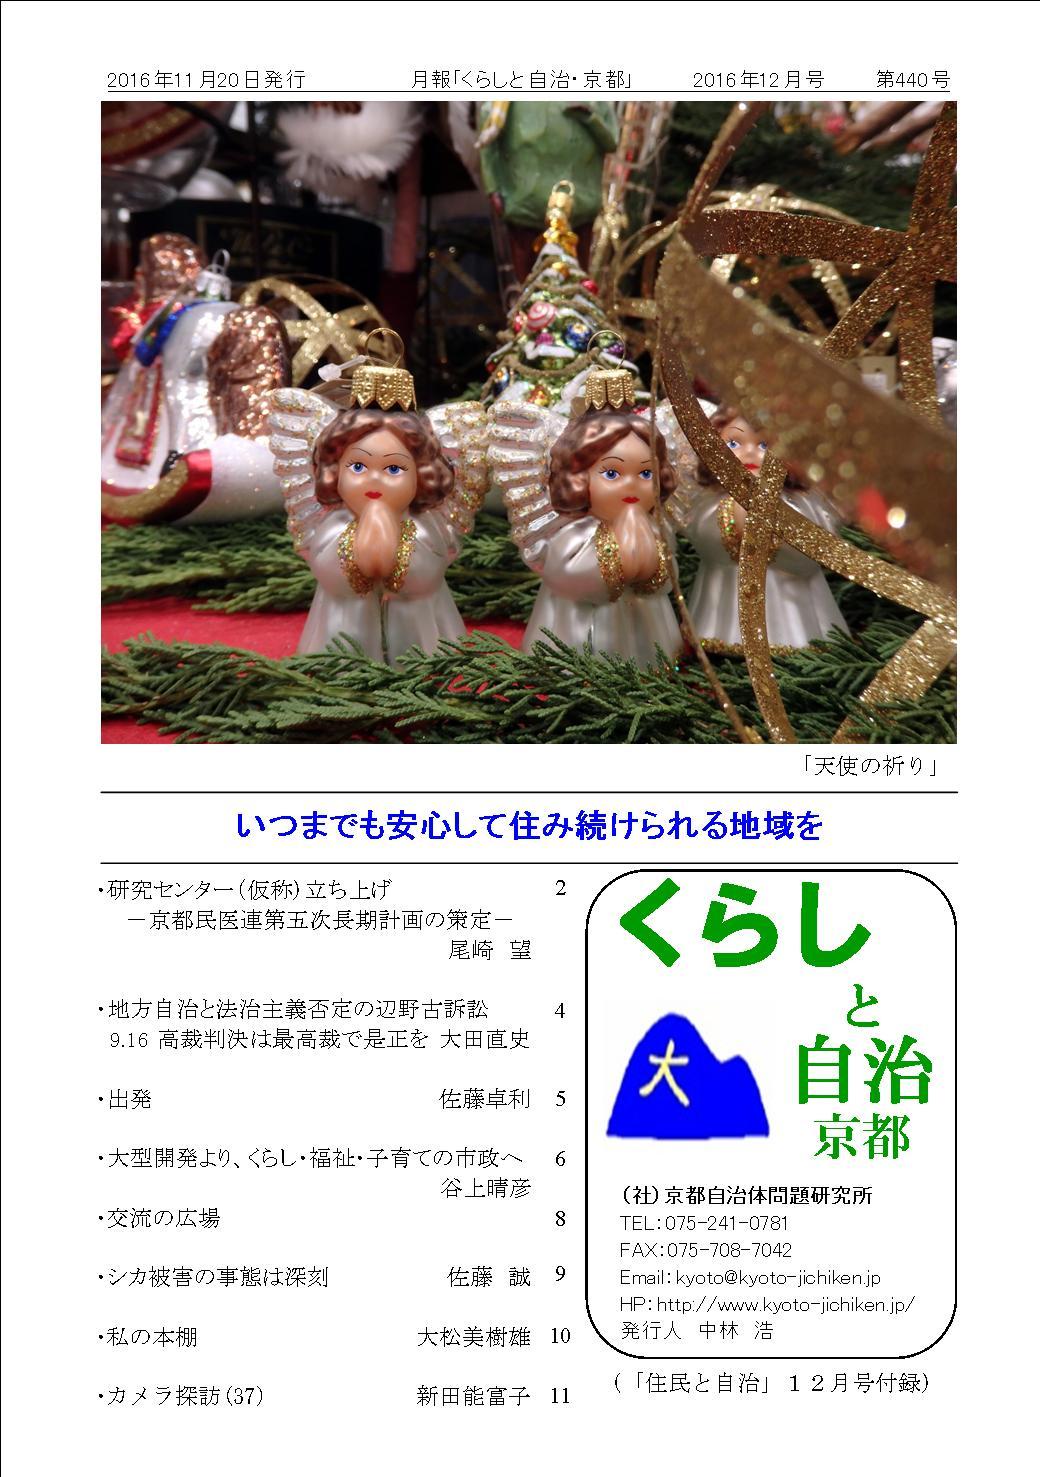 月報「くらしと自治・京都」2015年12月号 第440号